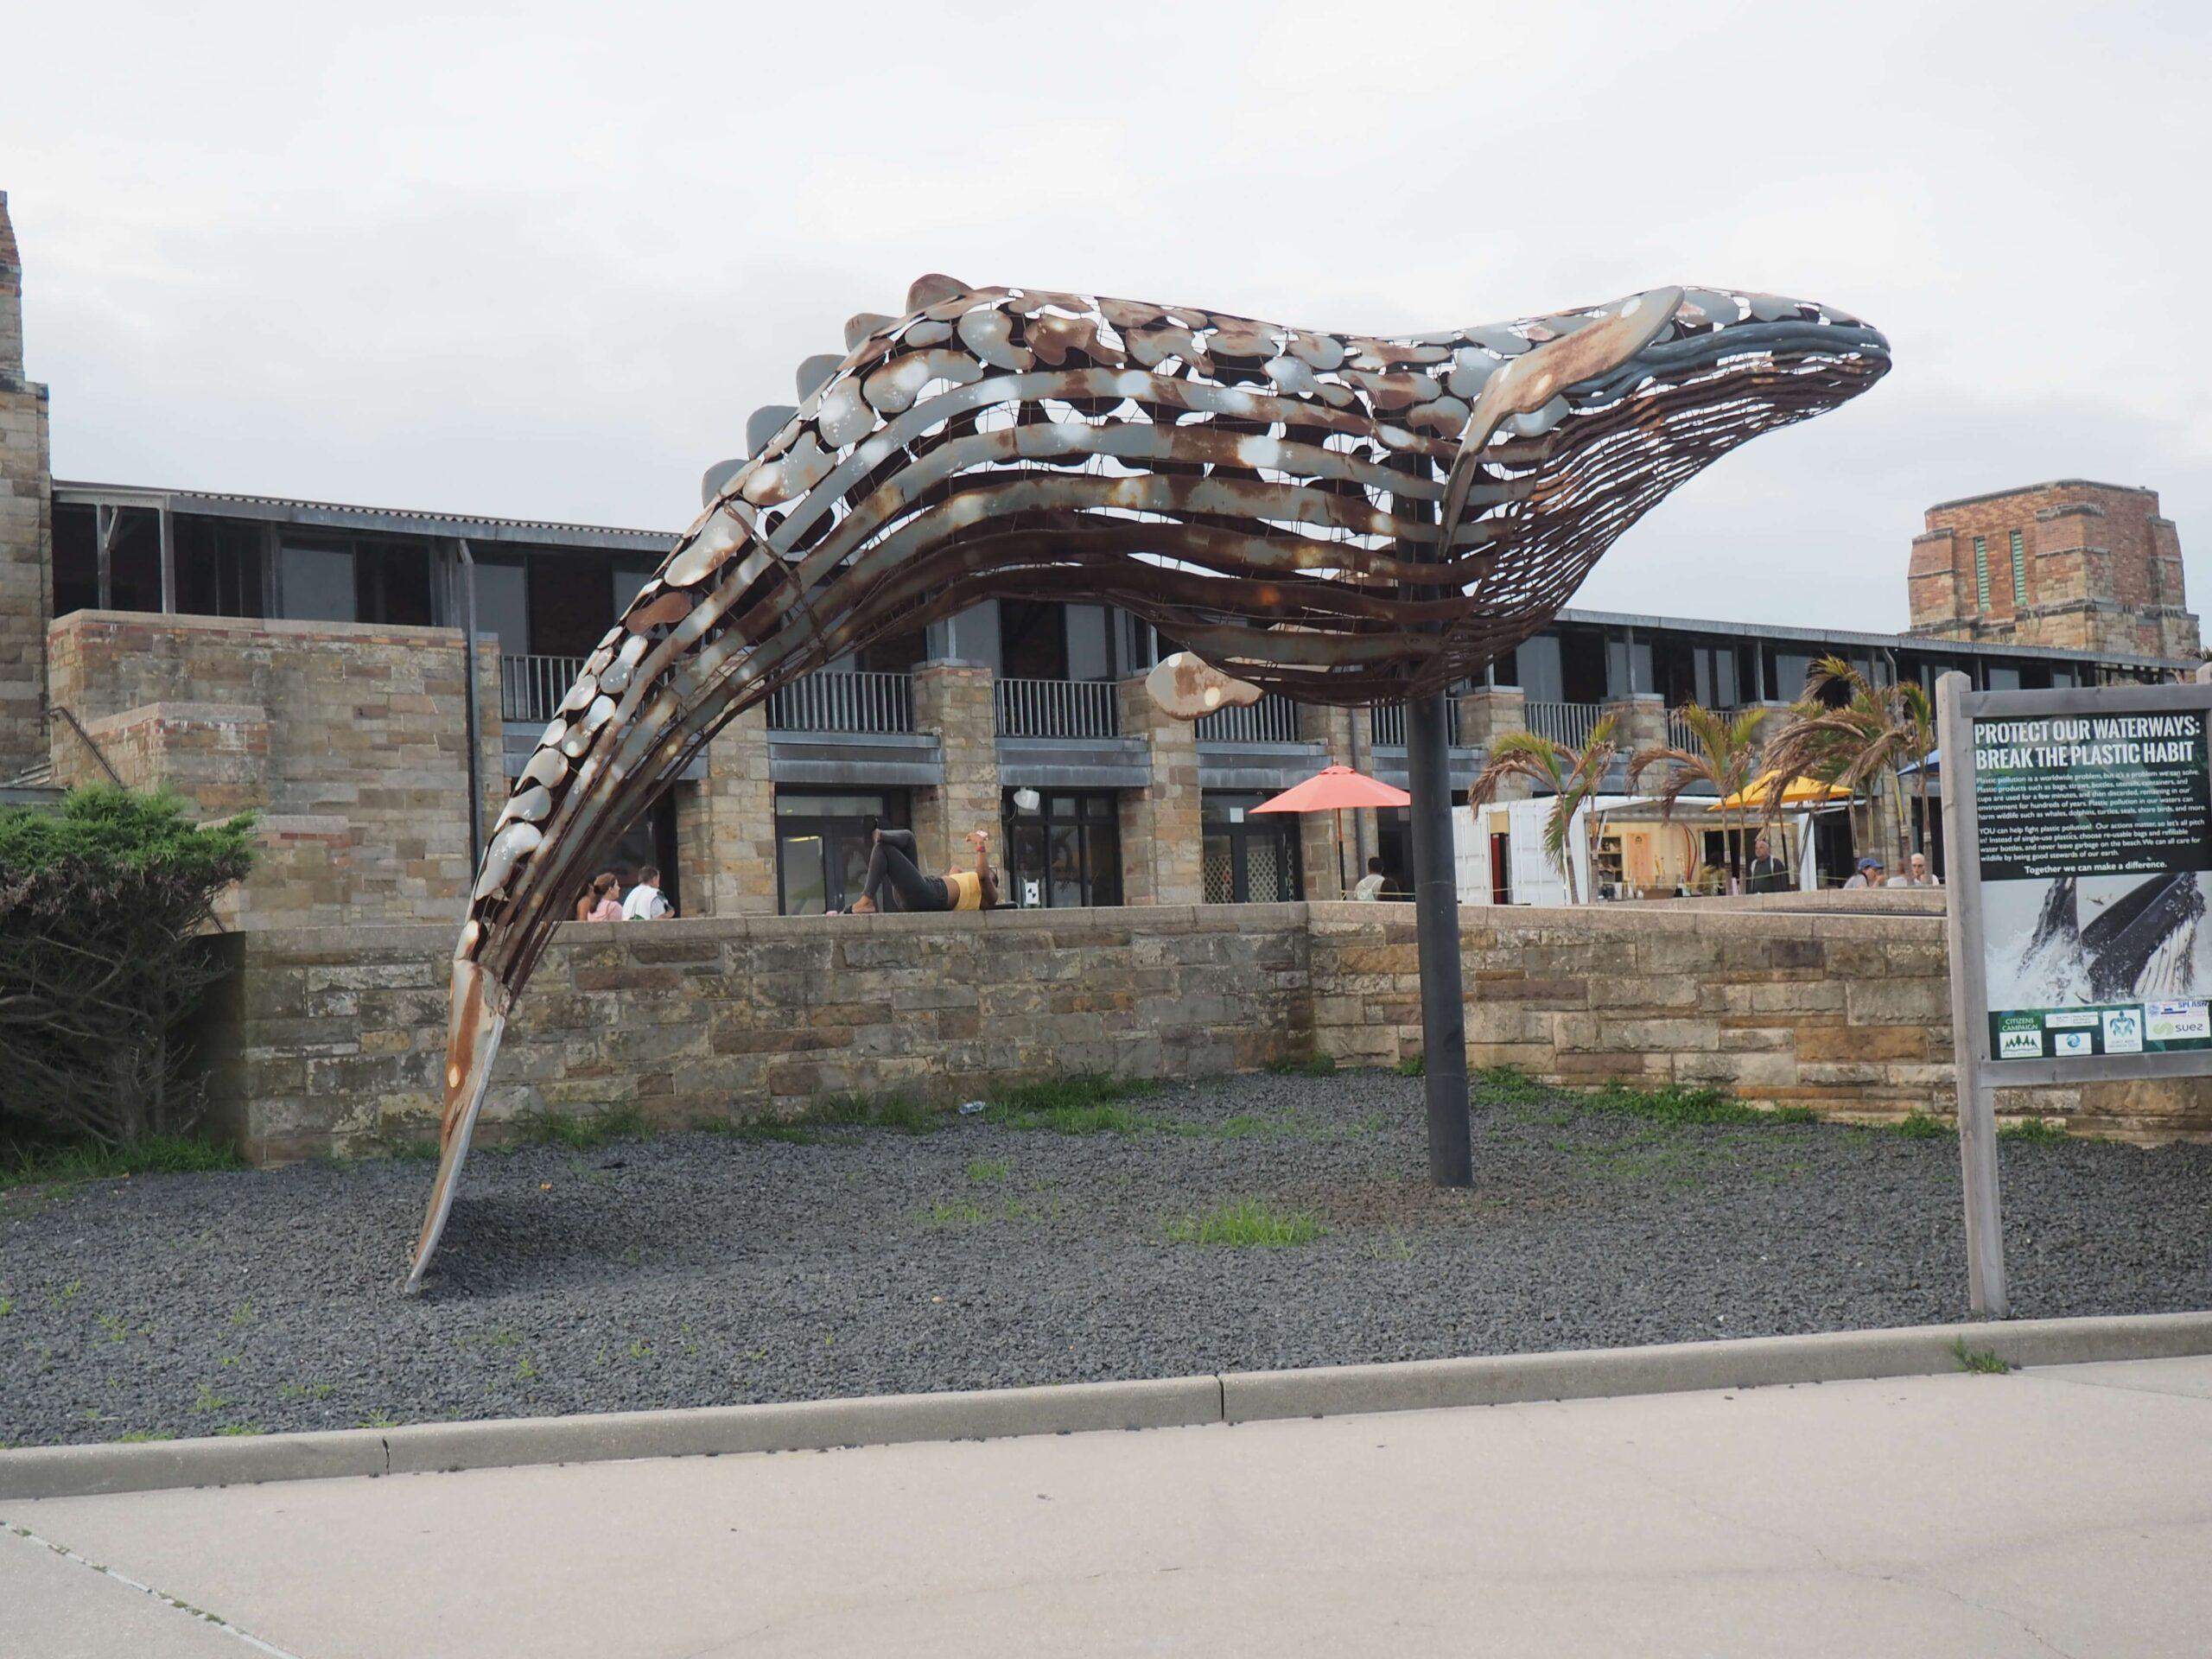 Metalowa, ażurowa rzeba przedstawiająca wieloryba.